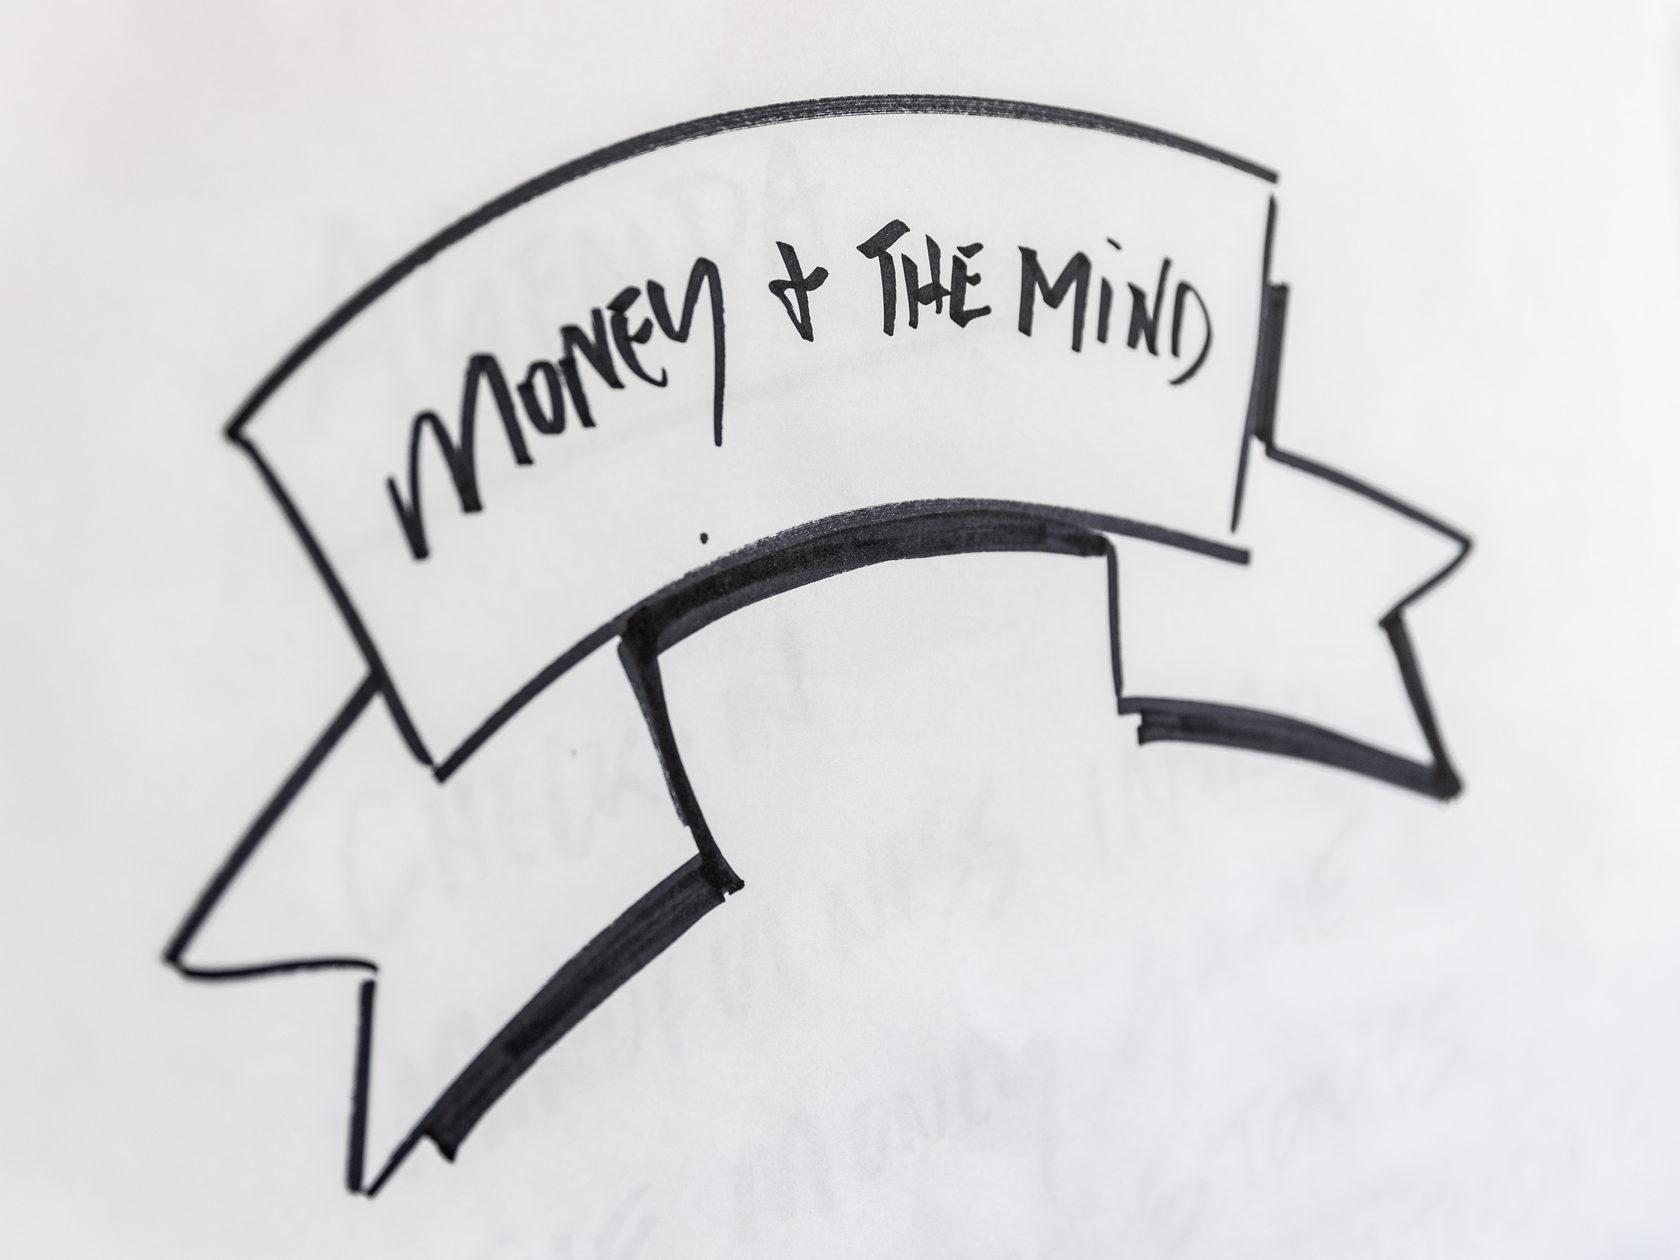 Dinheiro e a nossa mente